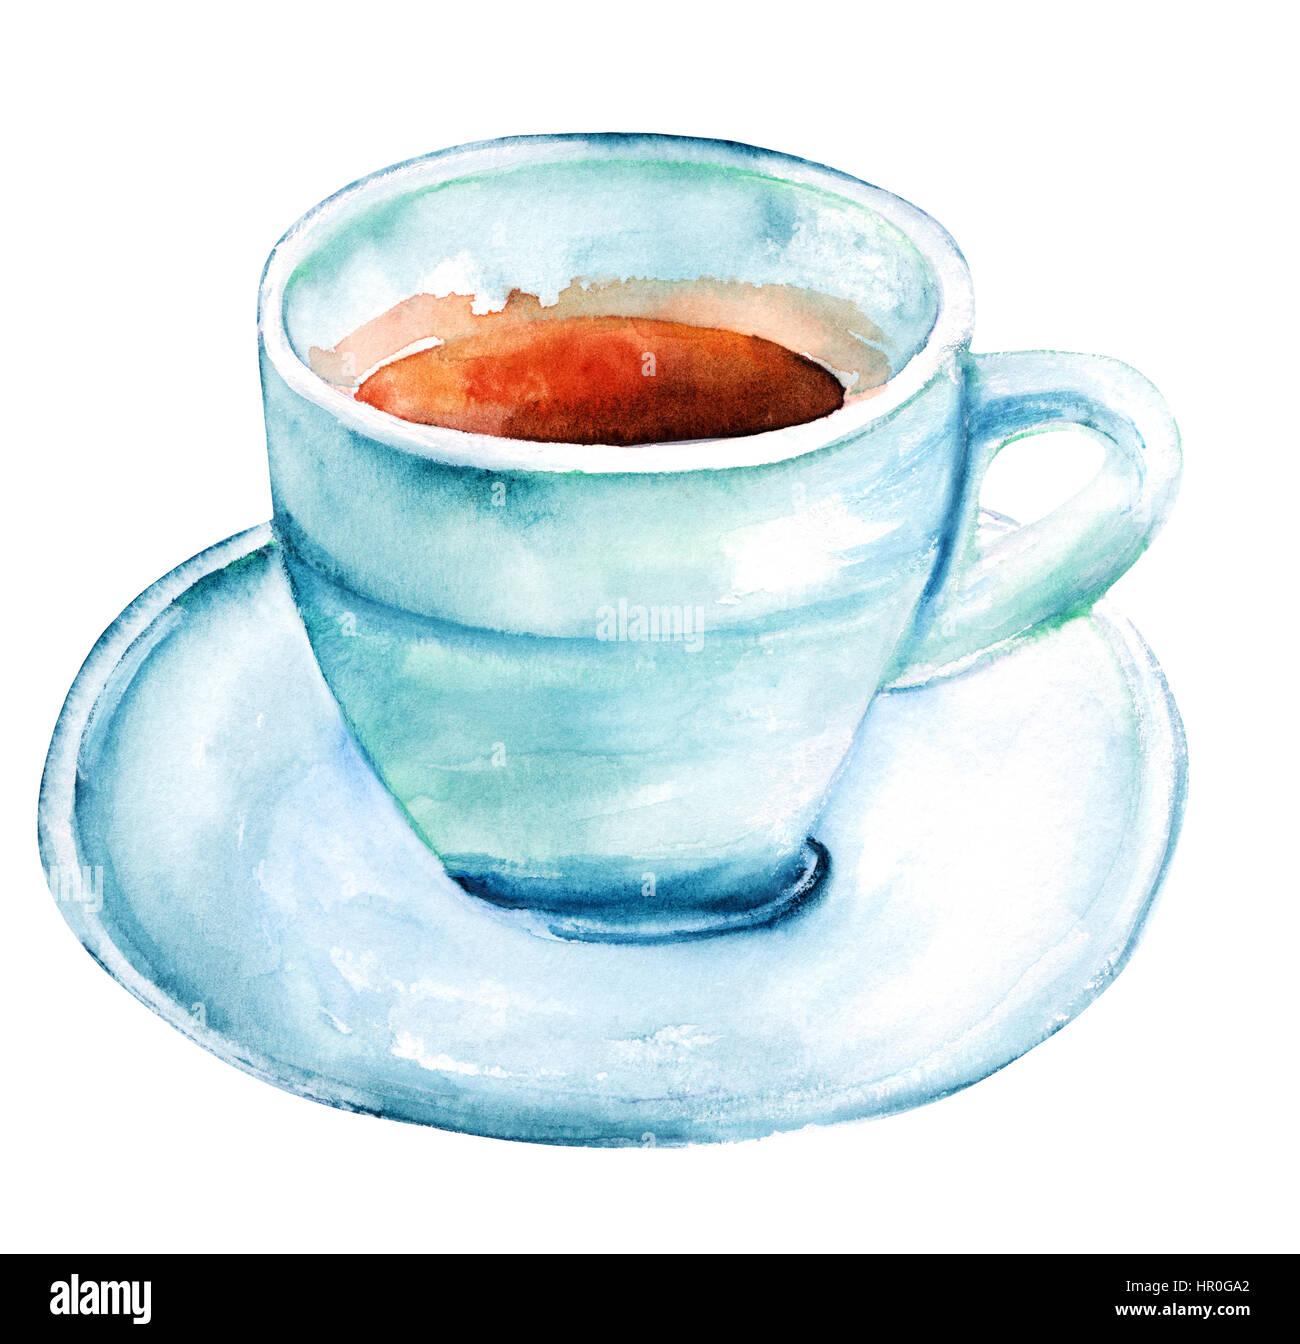 Une aquarelle dessin d 39 une tasse de caf dans la r gion de teal hues isolated on white banque d - Tasse de cafe dessin ...